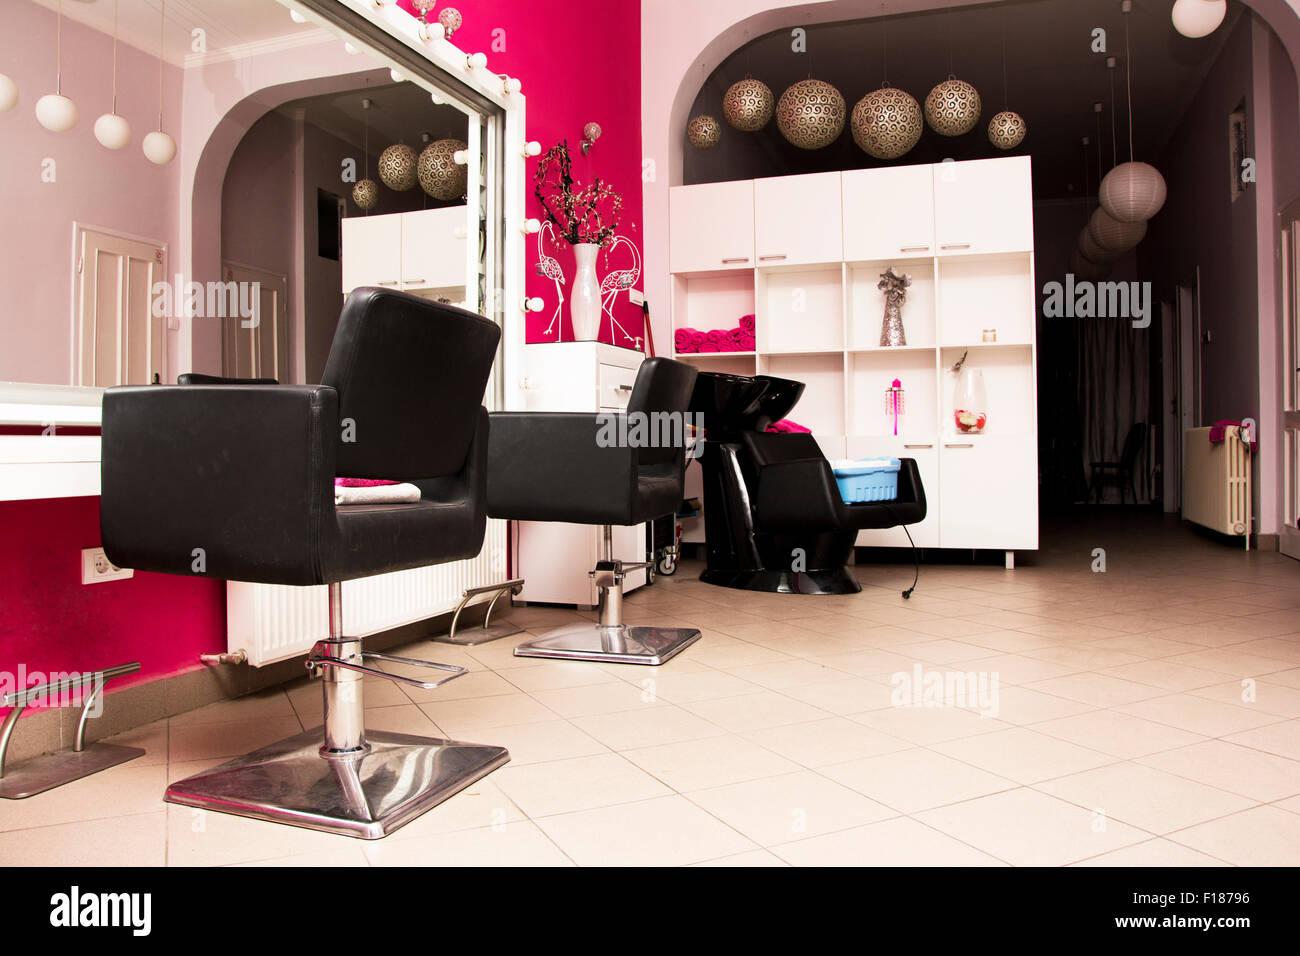 Women Hair Salon Interior Stock Photos Women Hair Salon Interior